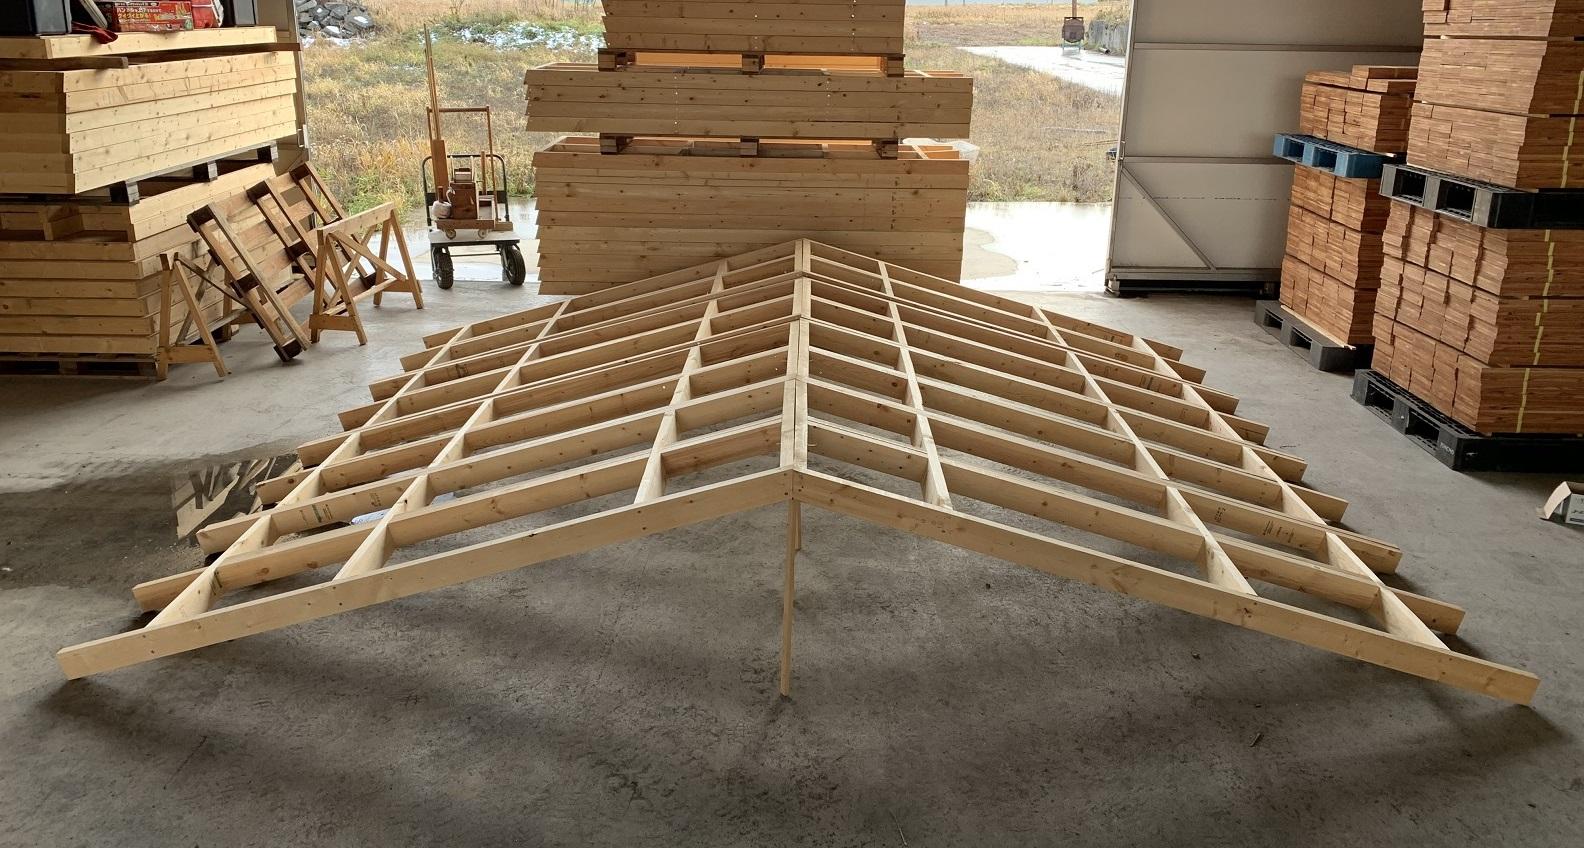 屋根パネルはトラスを設置できない小屋前後の軒だし部(庇の部分)をパネル化した部品